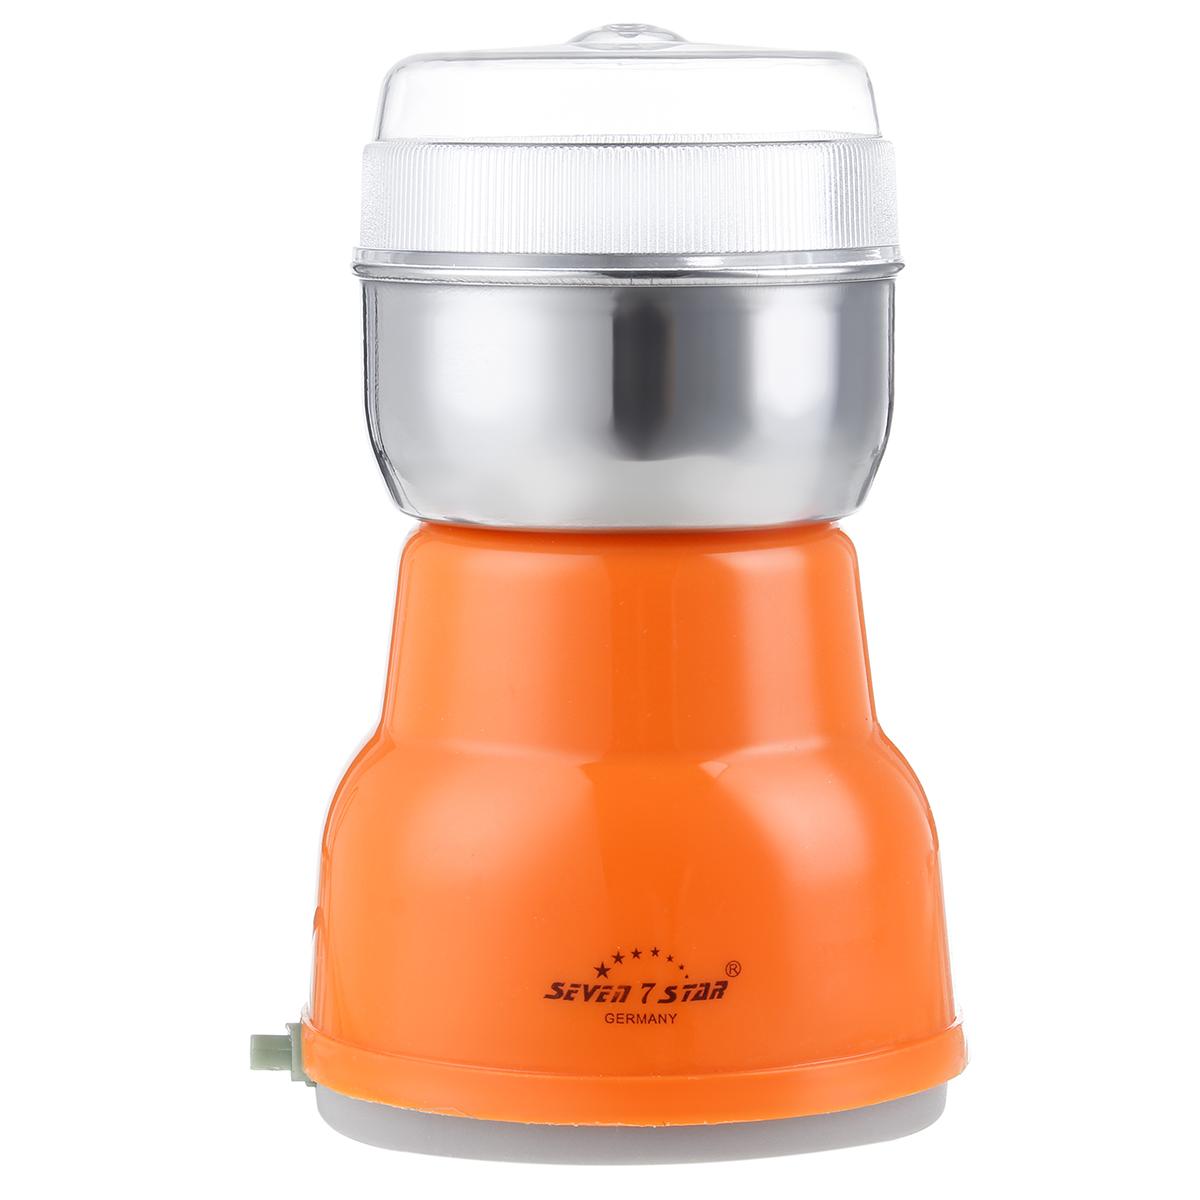 220V Power Electric Coffee Grinder Grinding Milling Bean Nut Spice Matte Blender